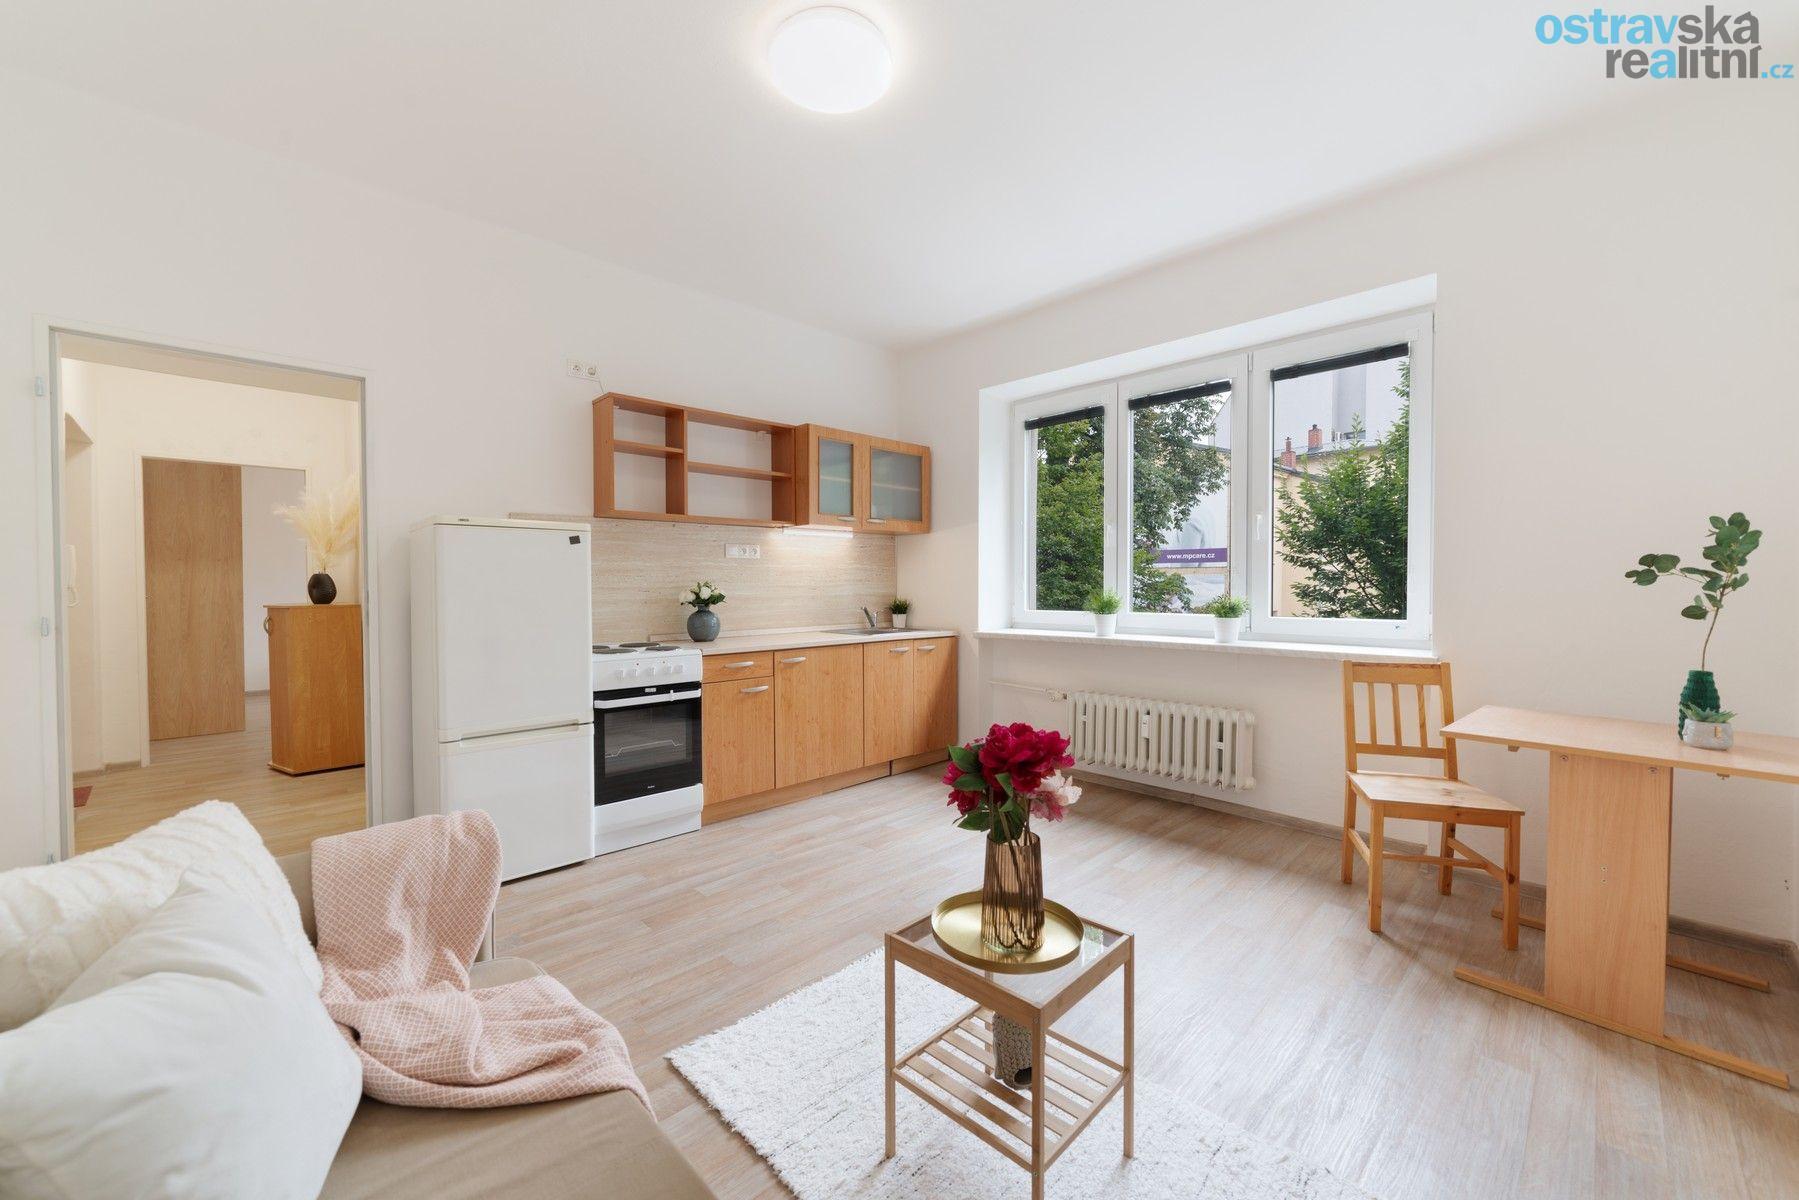 Pronájem, cihlový byt 2+kk, Ostrava - centrum, Dr. Šmerala, 40 m2